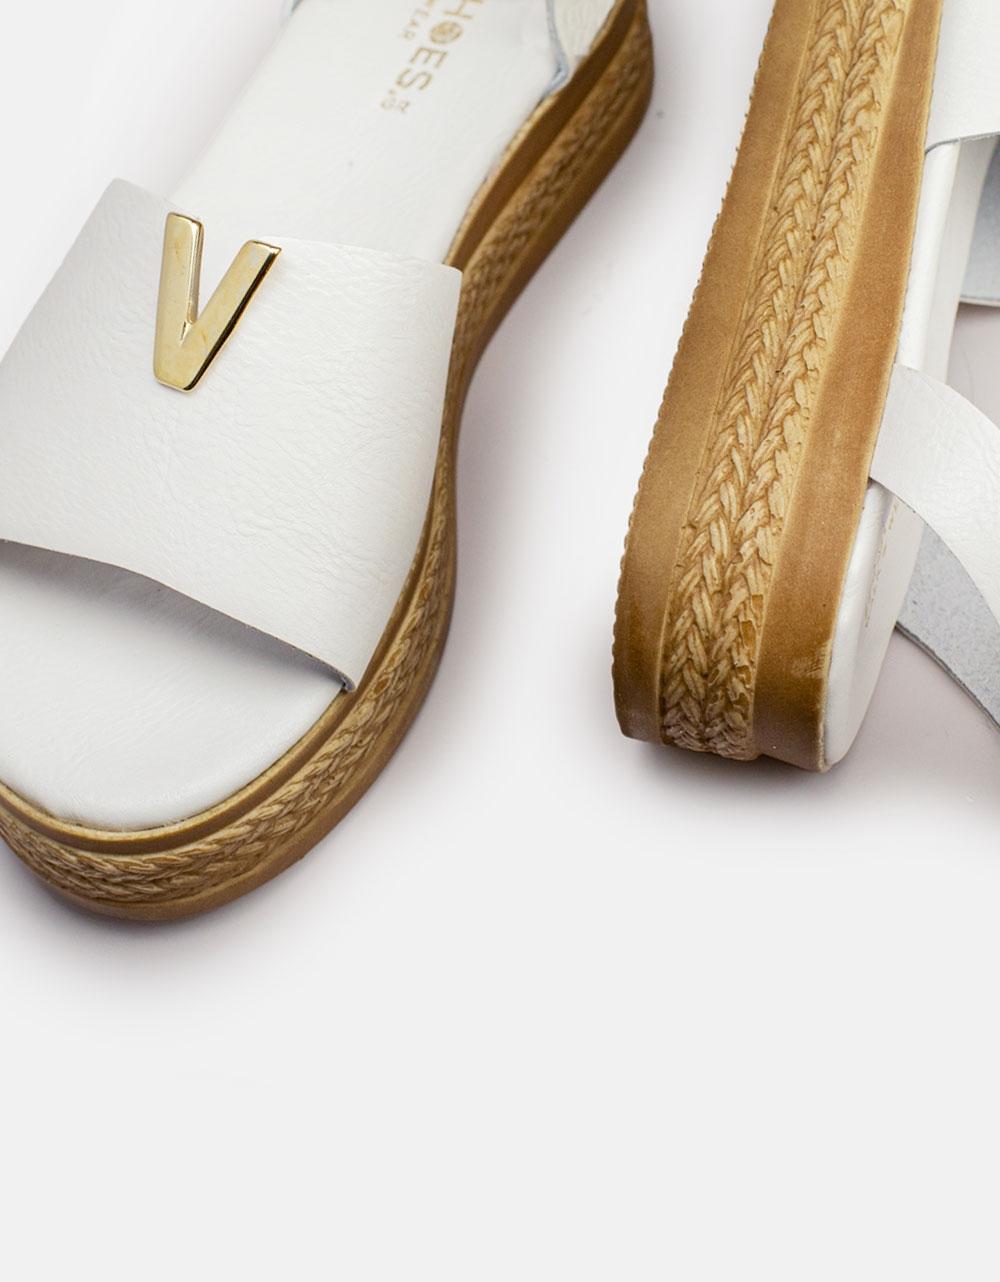 Εικόνα από Γυναικεία σανδάλια από γνήσιο δέρμα με μπαρέτα & μεταλλική λεπτομέρεια στην φάσα Λευκό